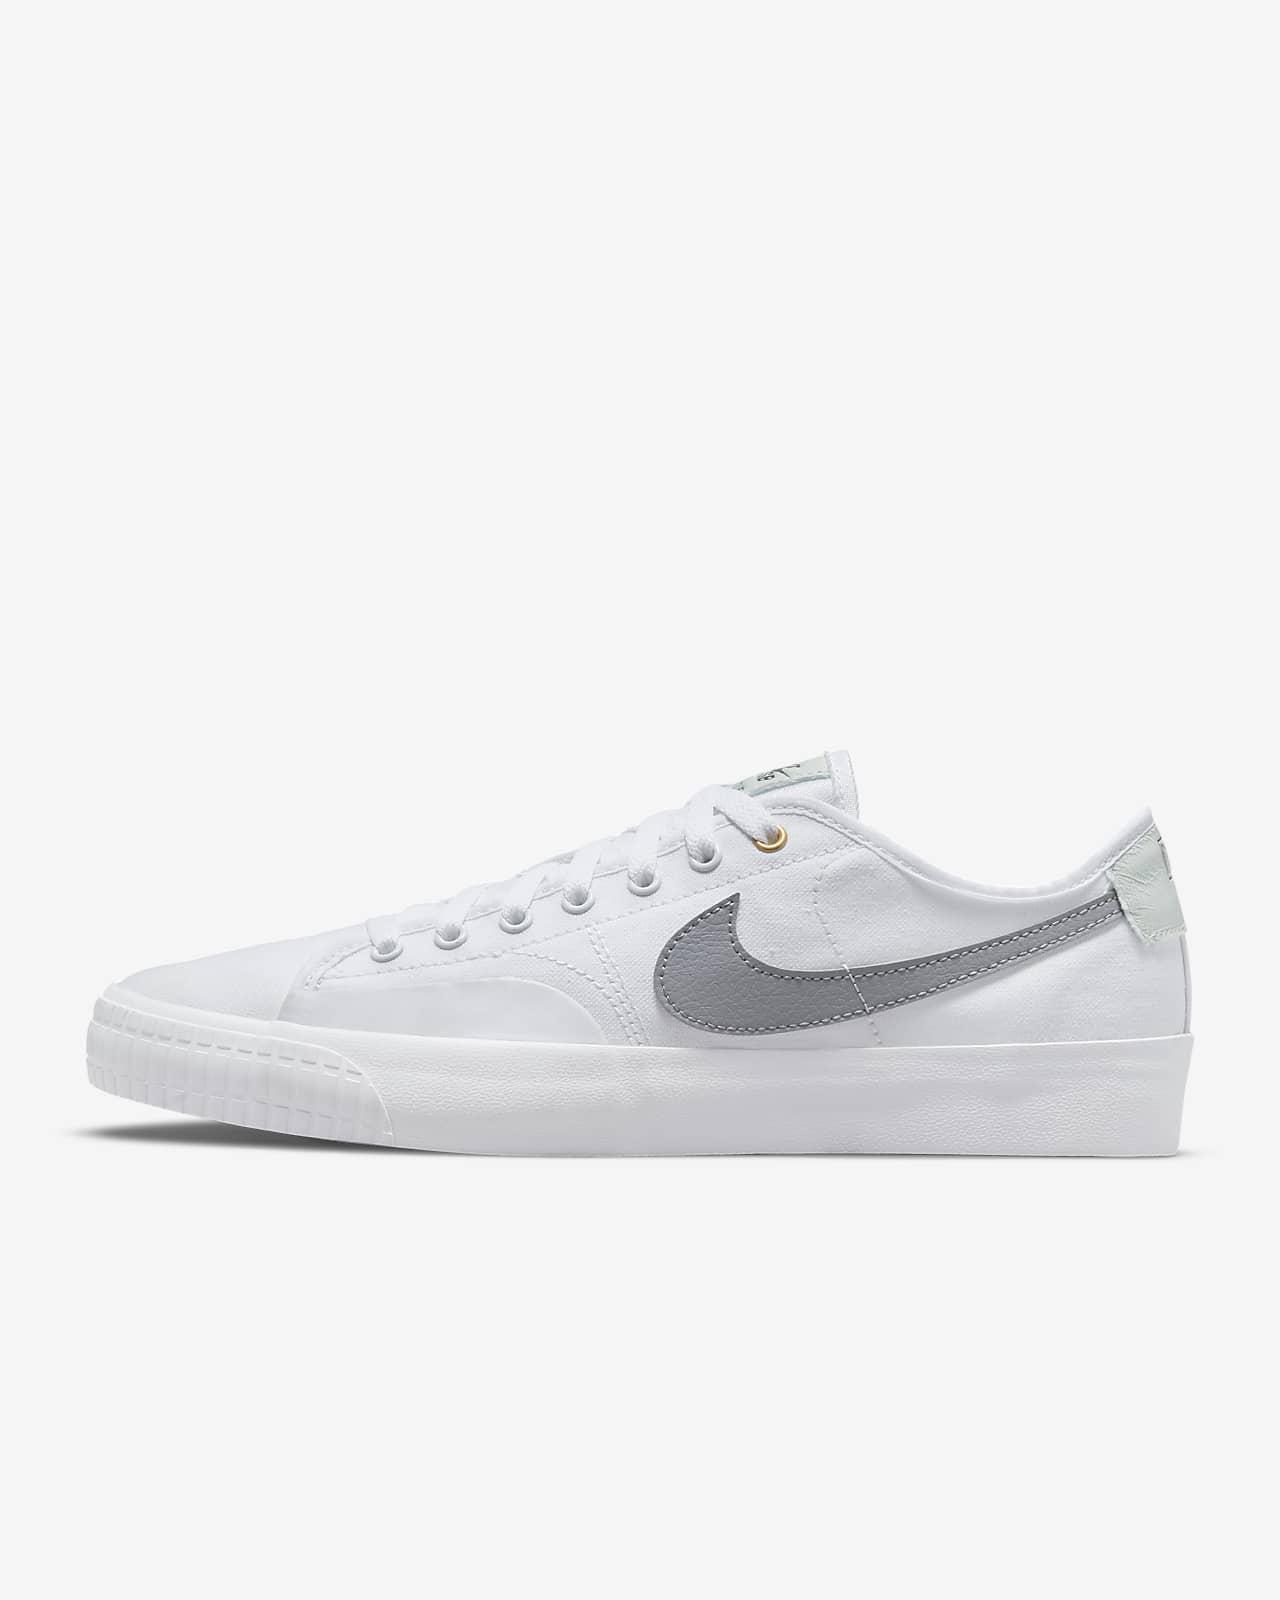 Nike SB BLZR Court DVDL Skate Shoes